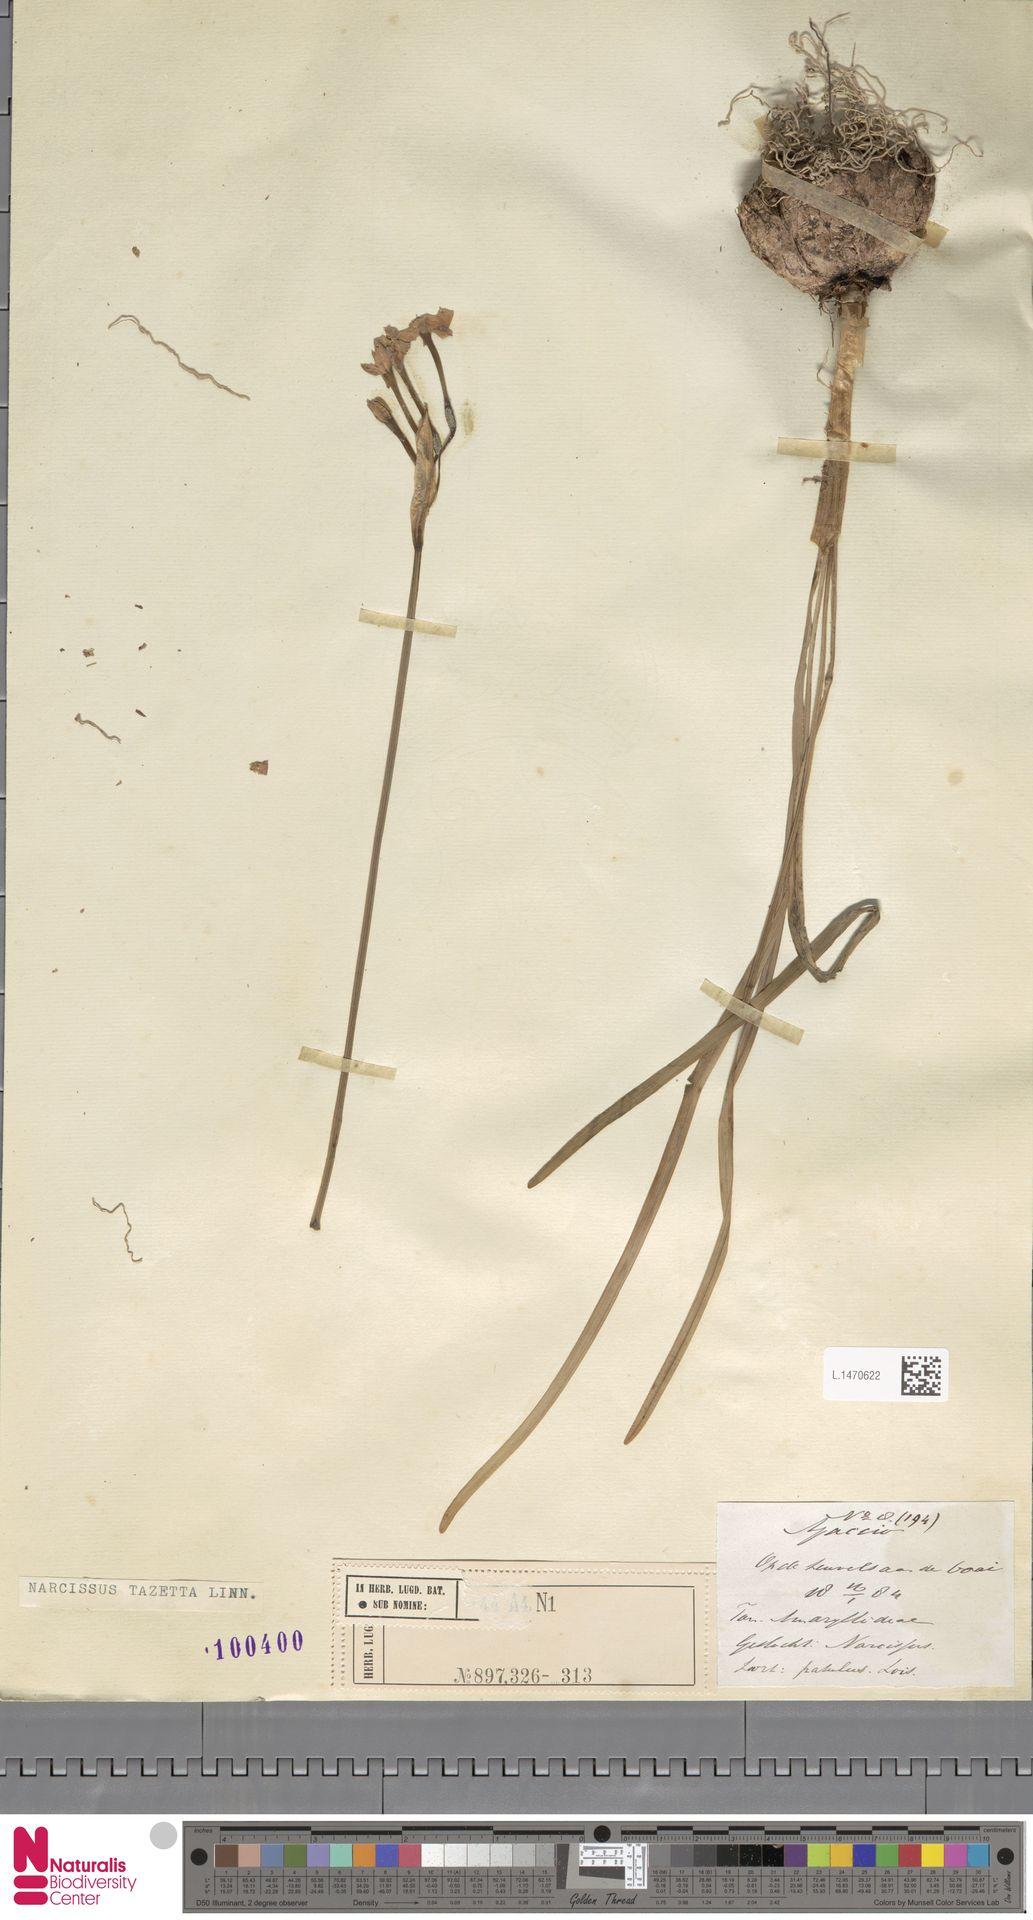 L.1470622 | Narcissus tazetta L.